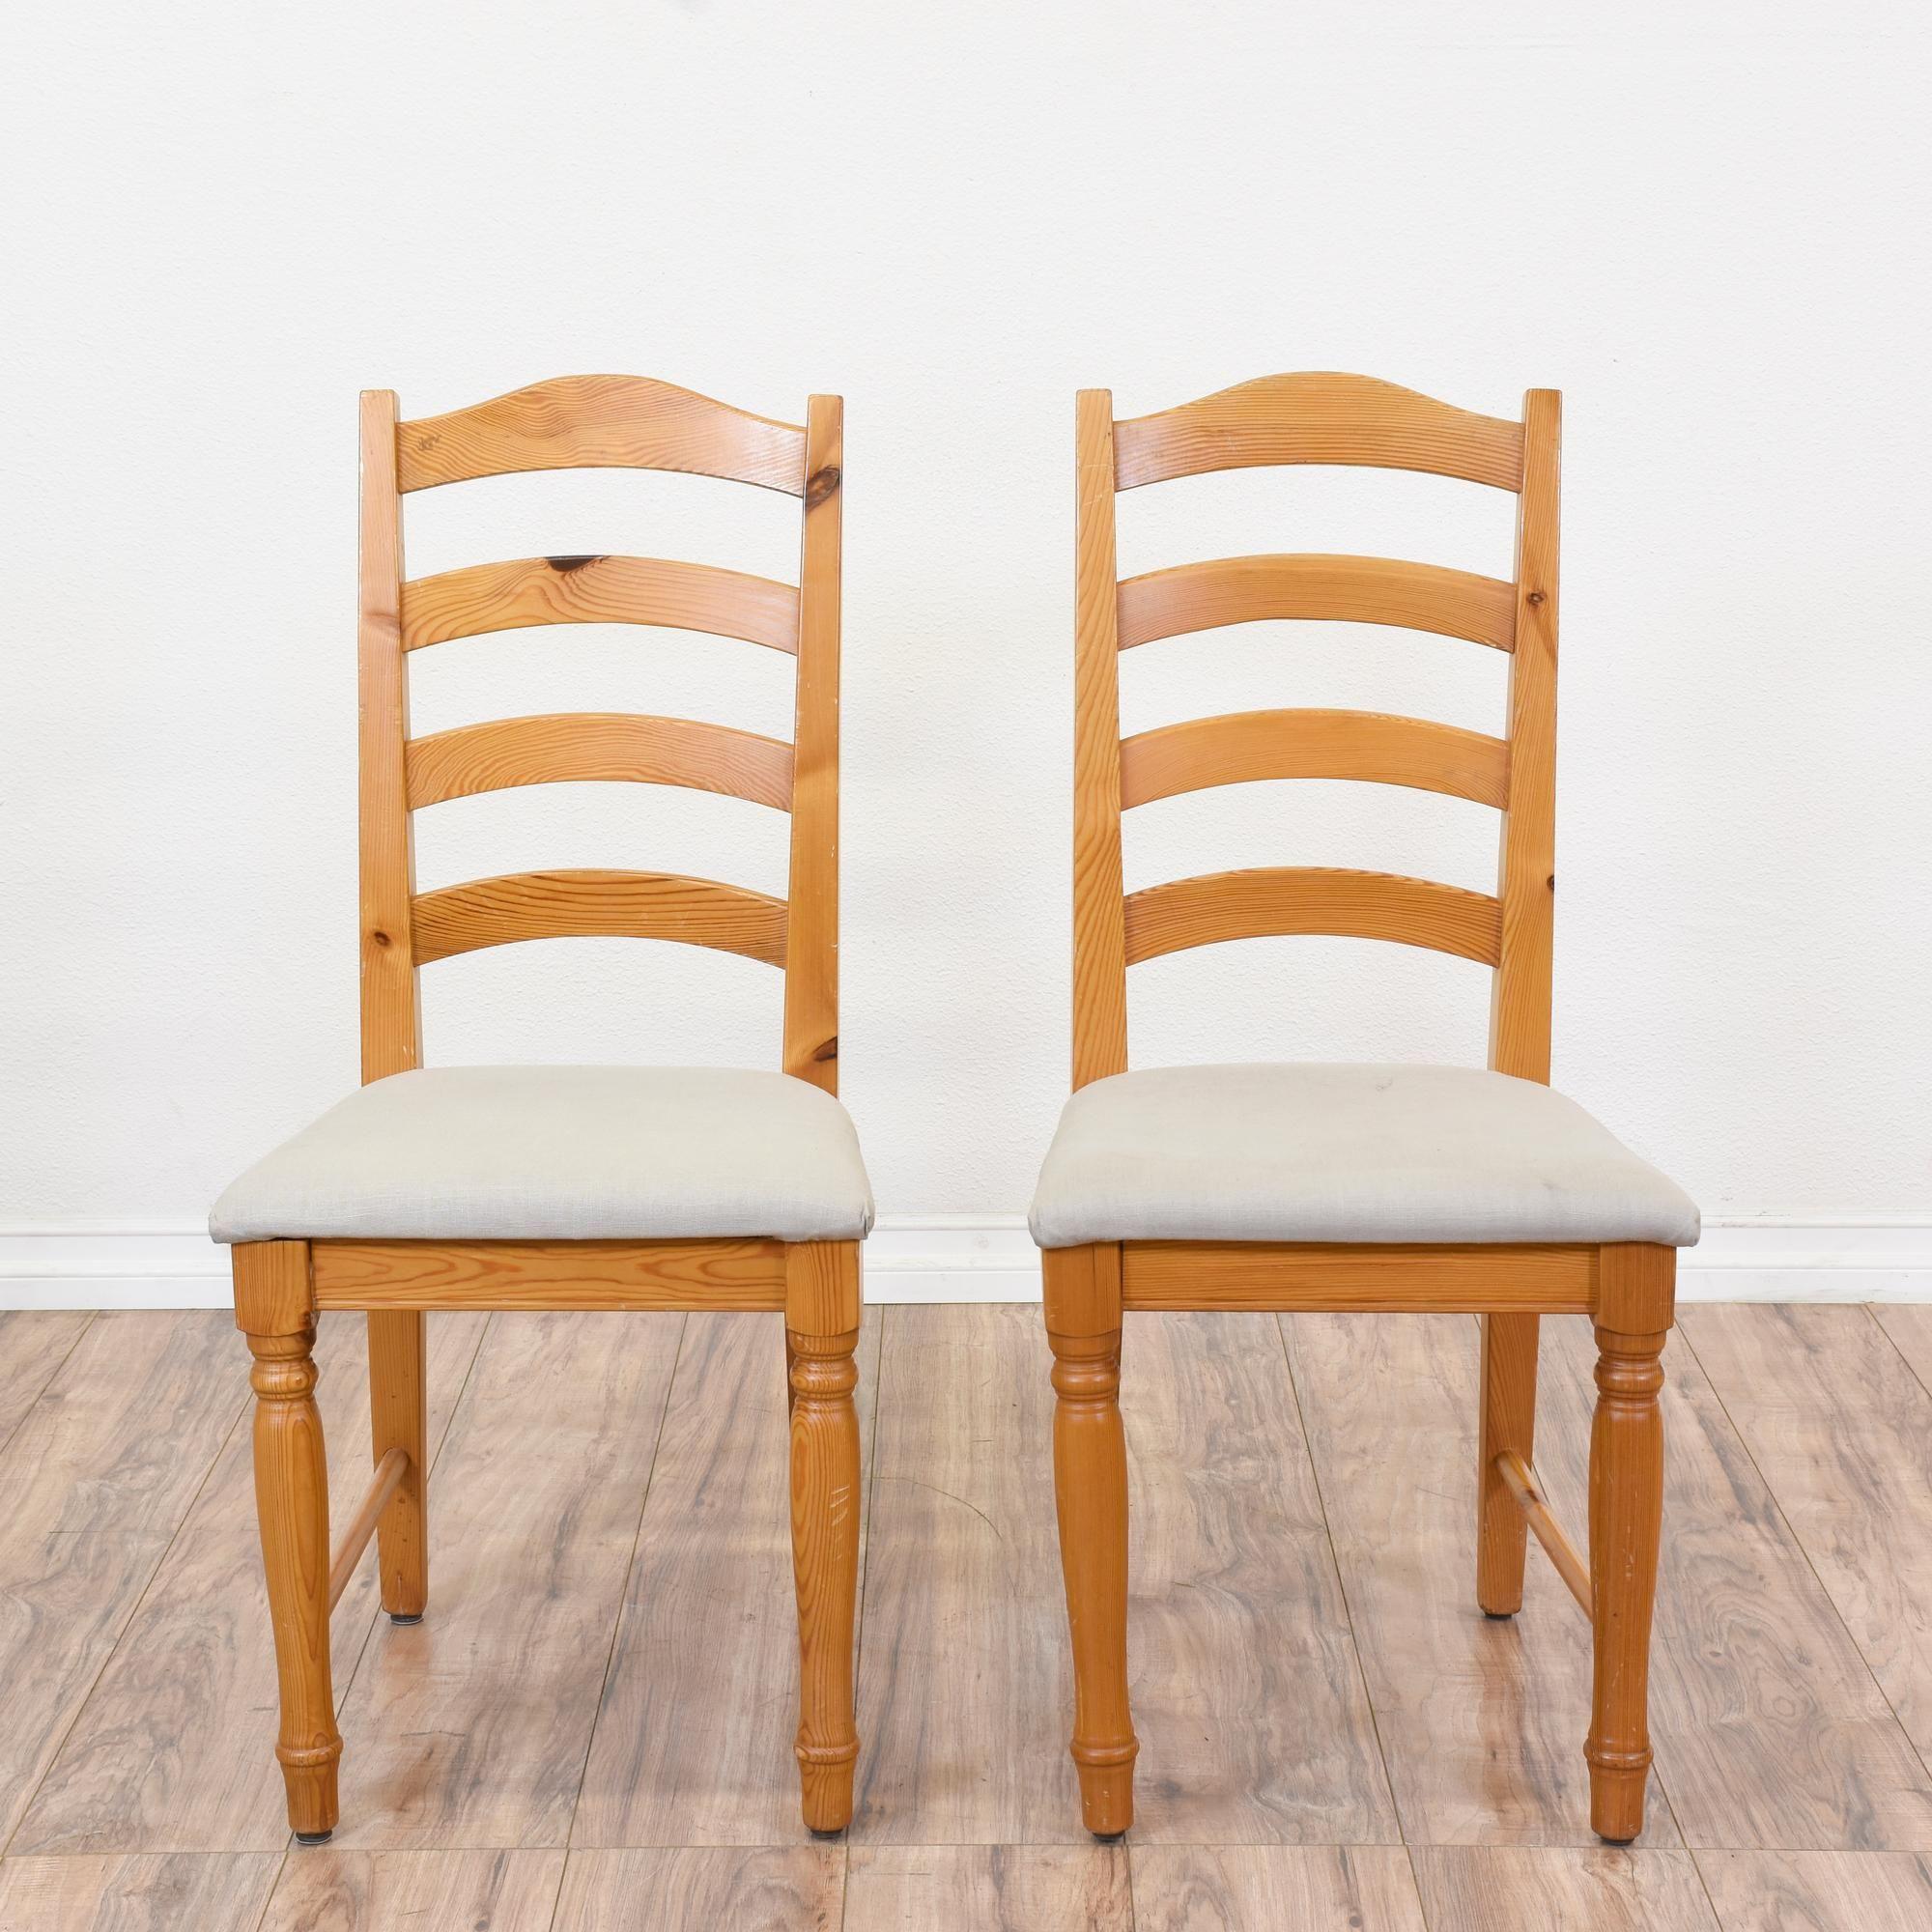 Leiter Zurück Stühle Mit Rush Sitze Für Verkauf Englische Leiter Zurück  Stühle Butterfly Chair Stoff Esszimmer